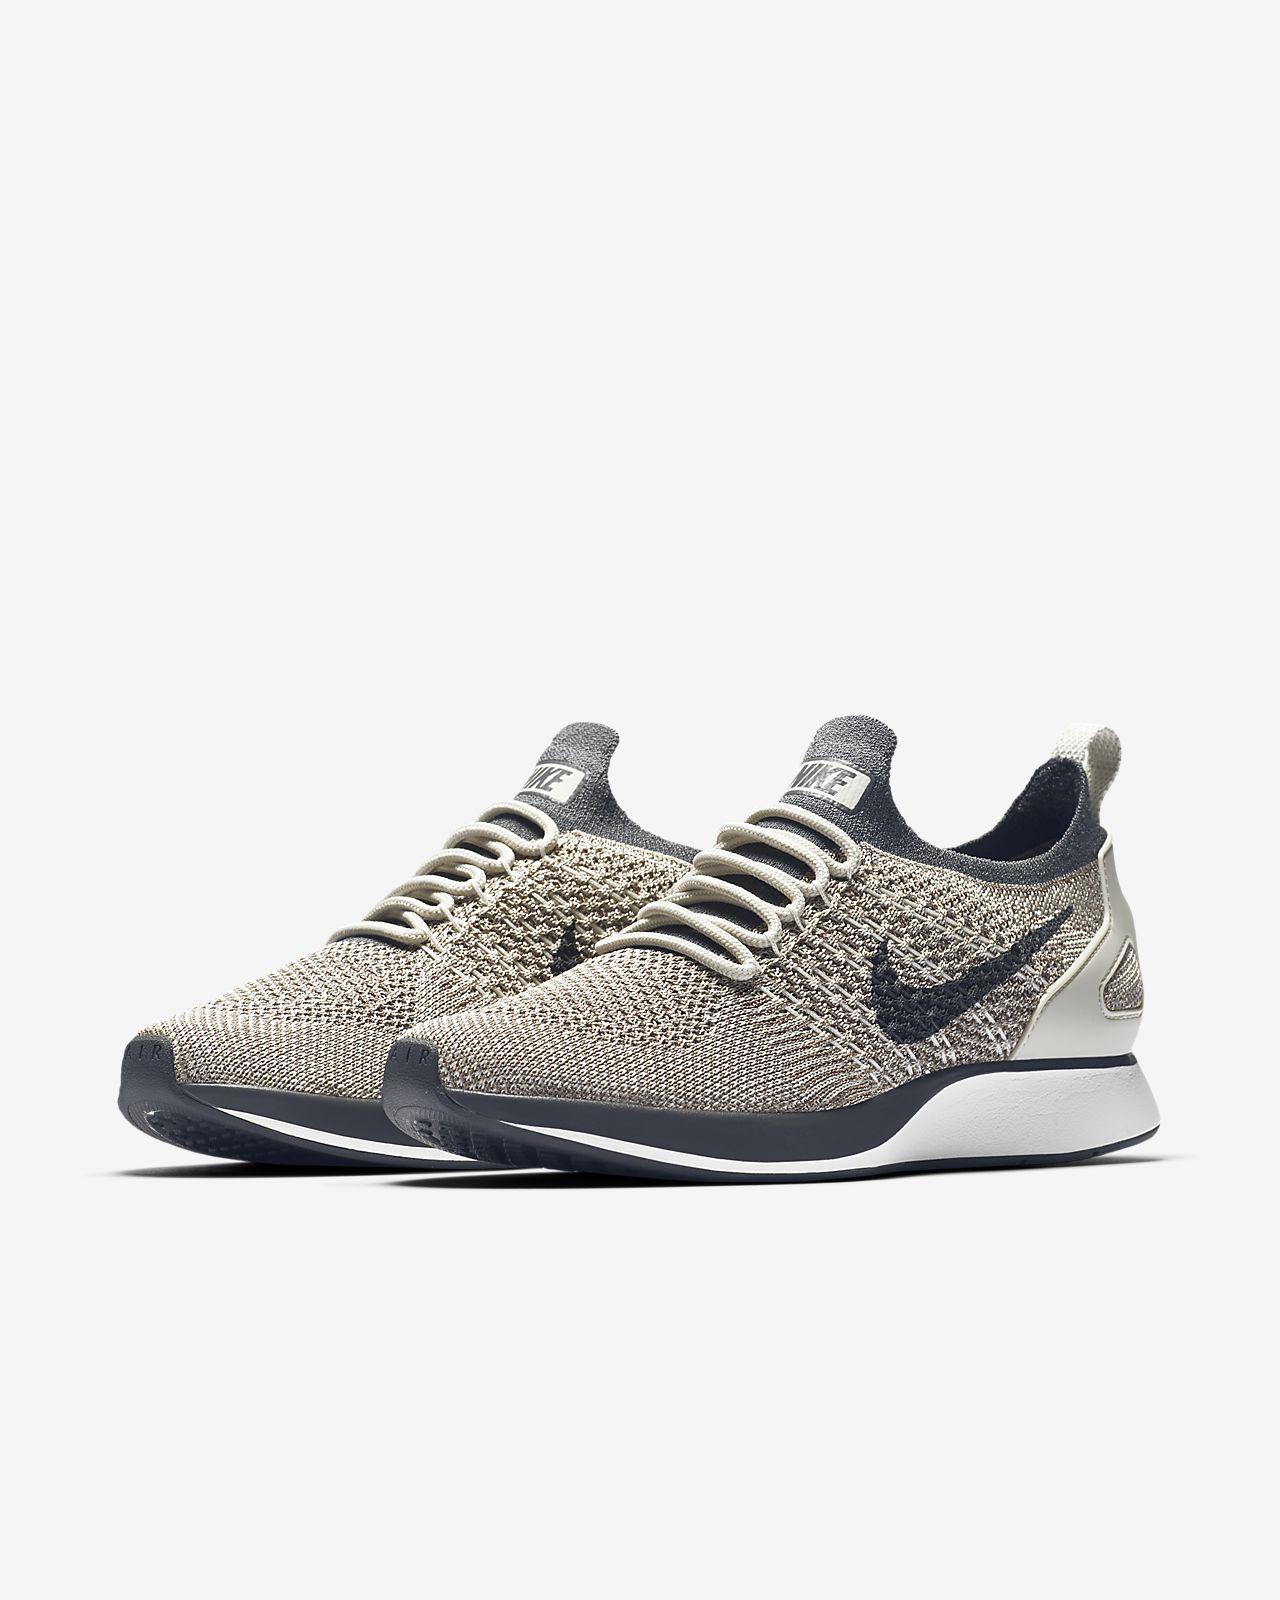 Nike Mariah Flyknit racer sneakers